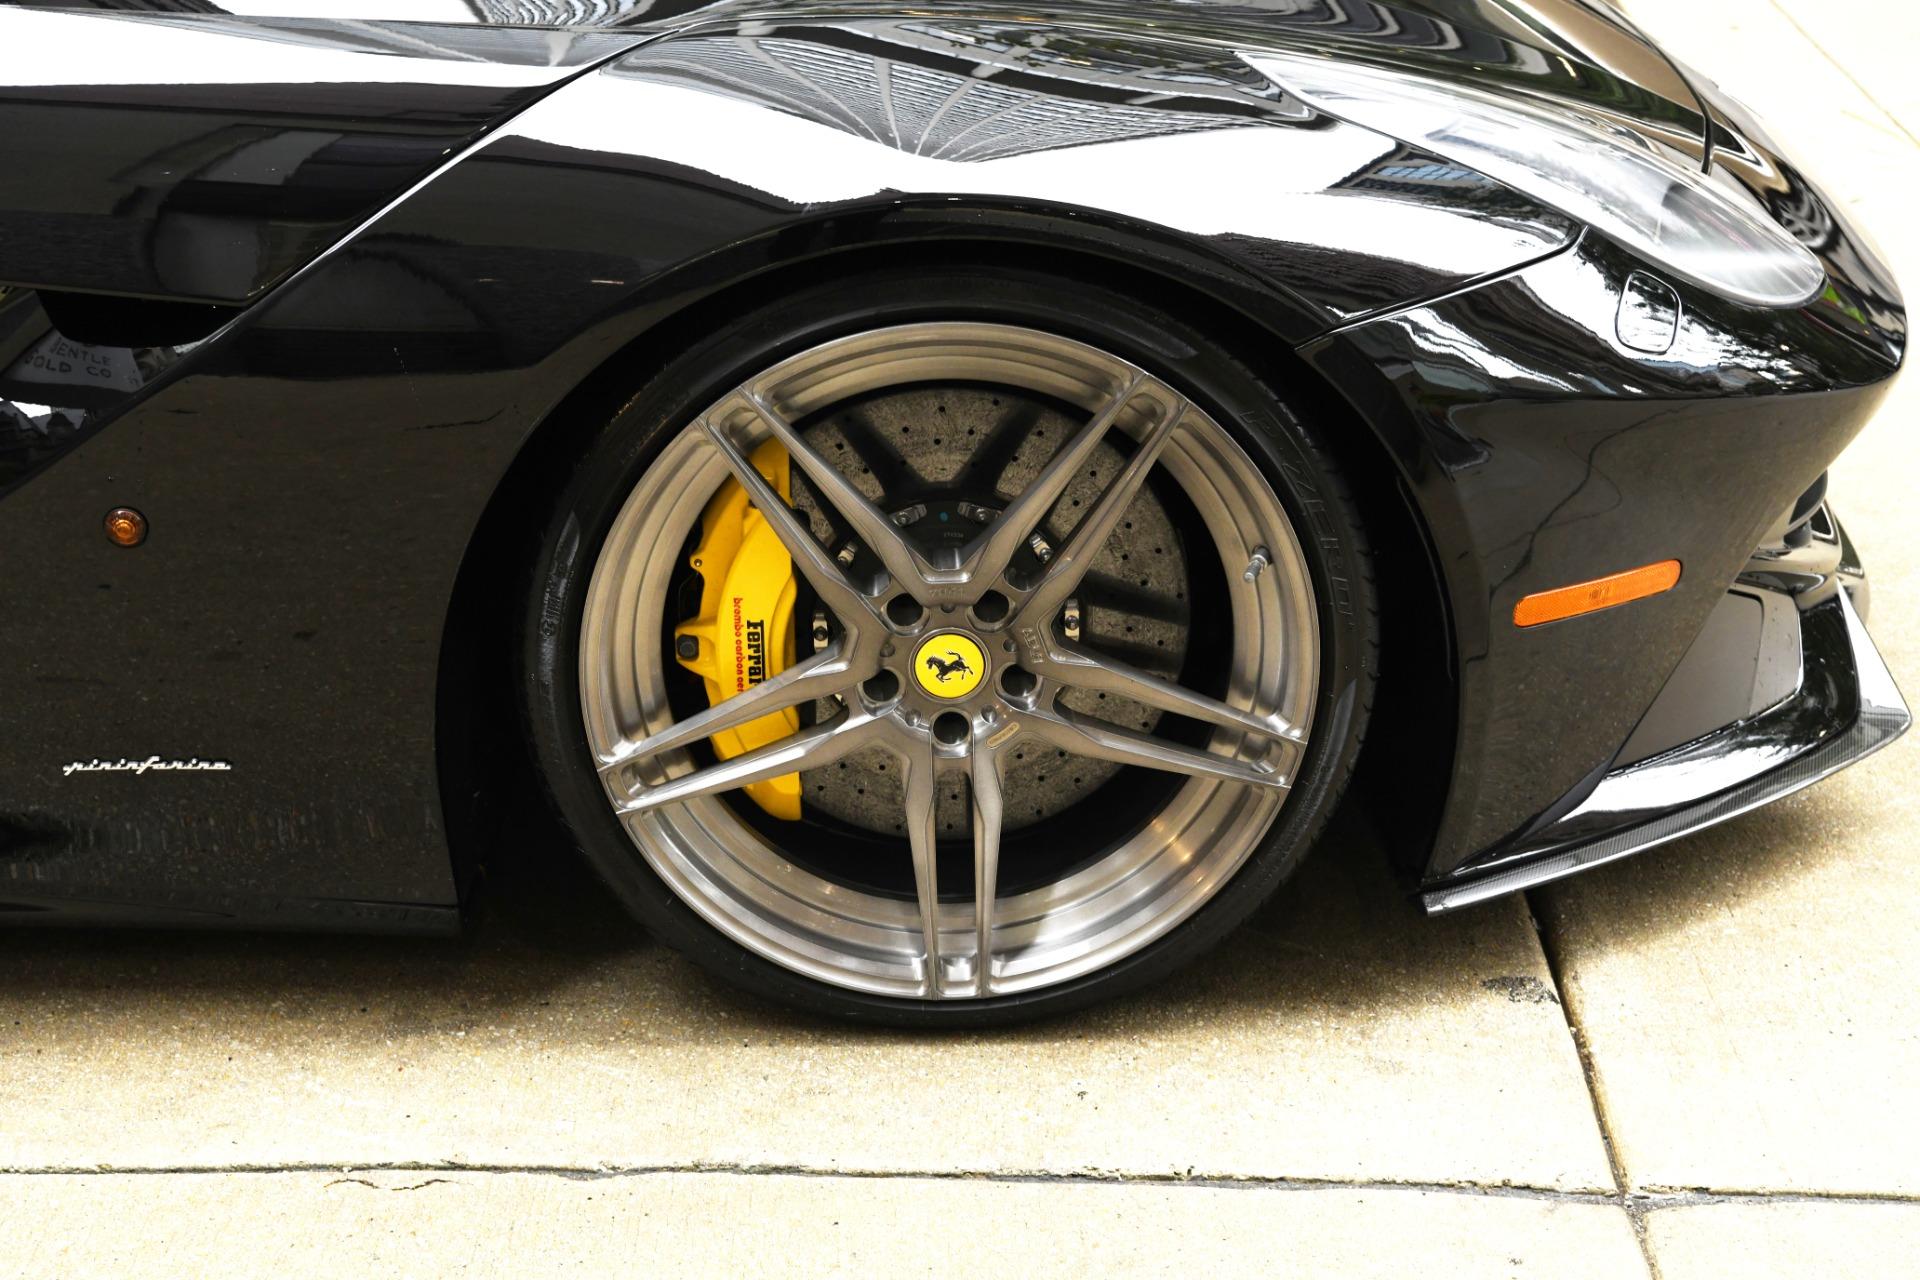 Used 2014 Ferrari F12 berlinetta Base | Chicago, IL